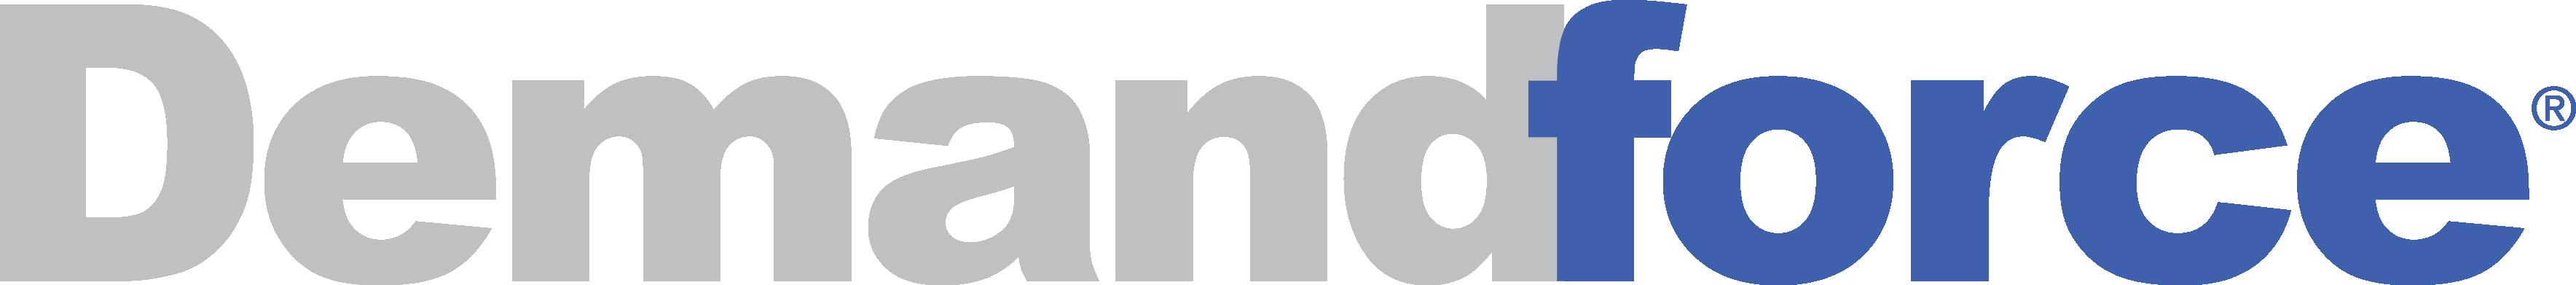 demandforce_logo_pms-lg